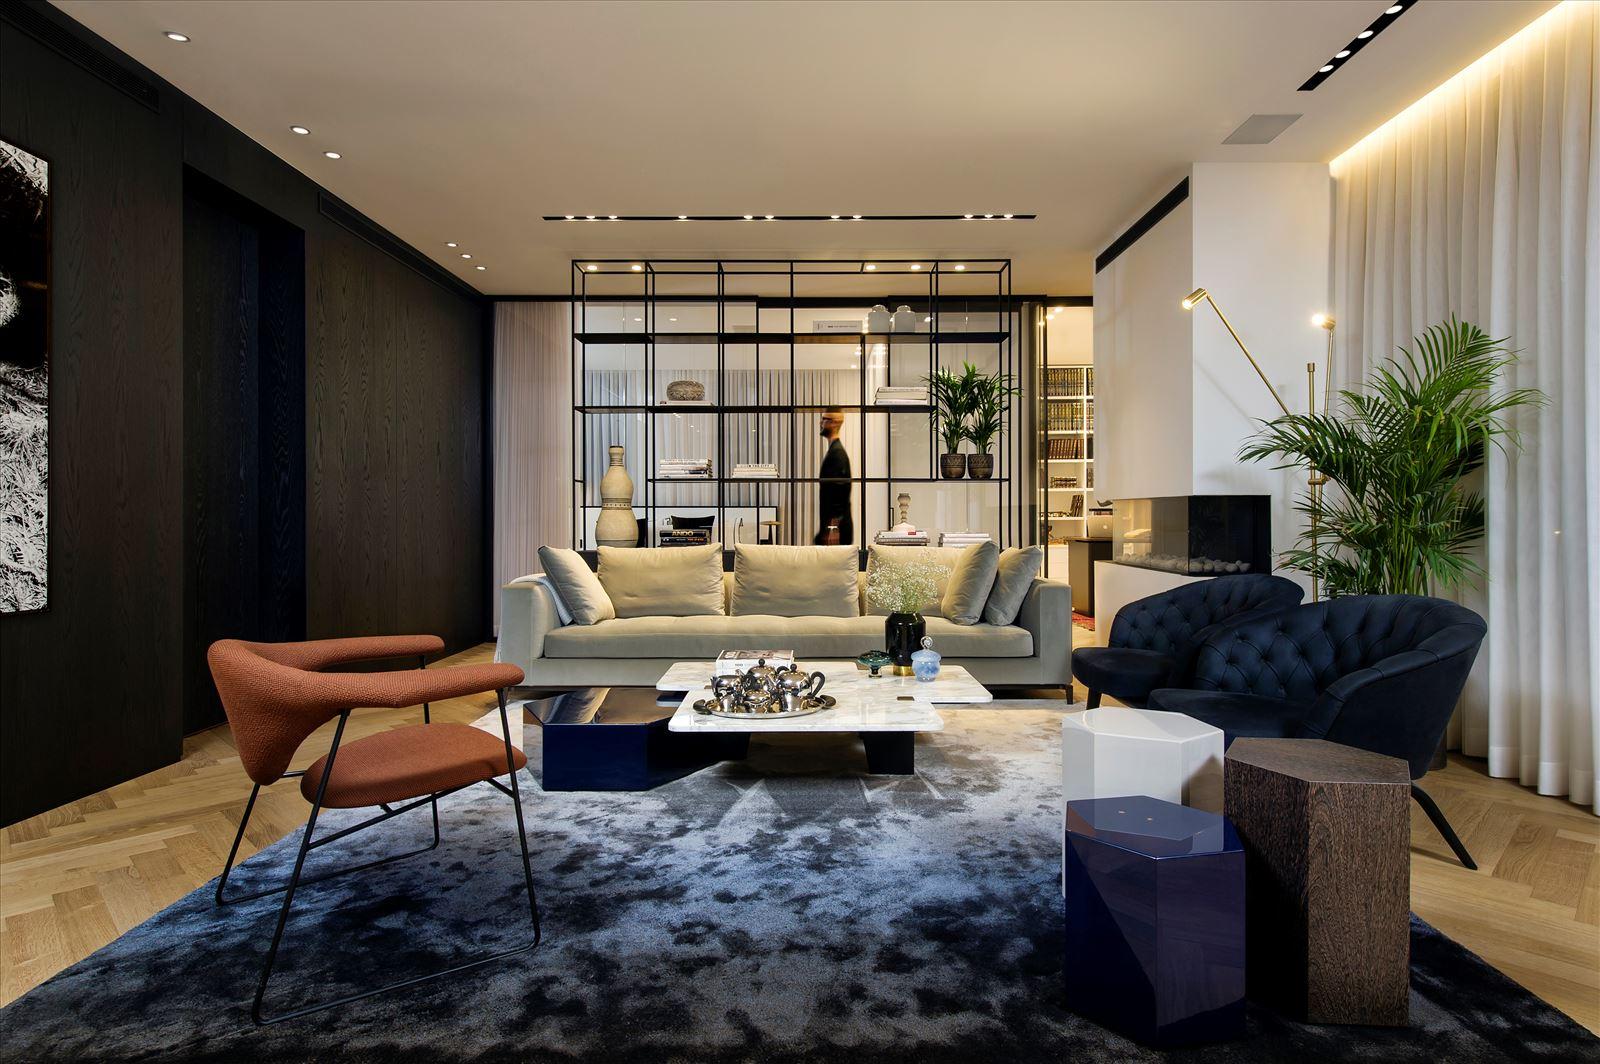 Penthouse - Petah Tikva מגוון גופי תאורה מאירים את חלל הדירה בעיצוב של דורי קמחי